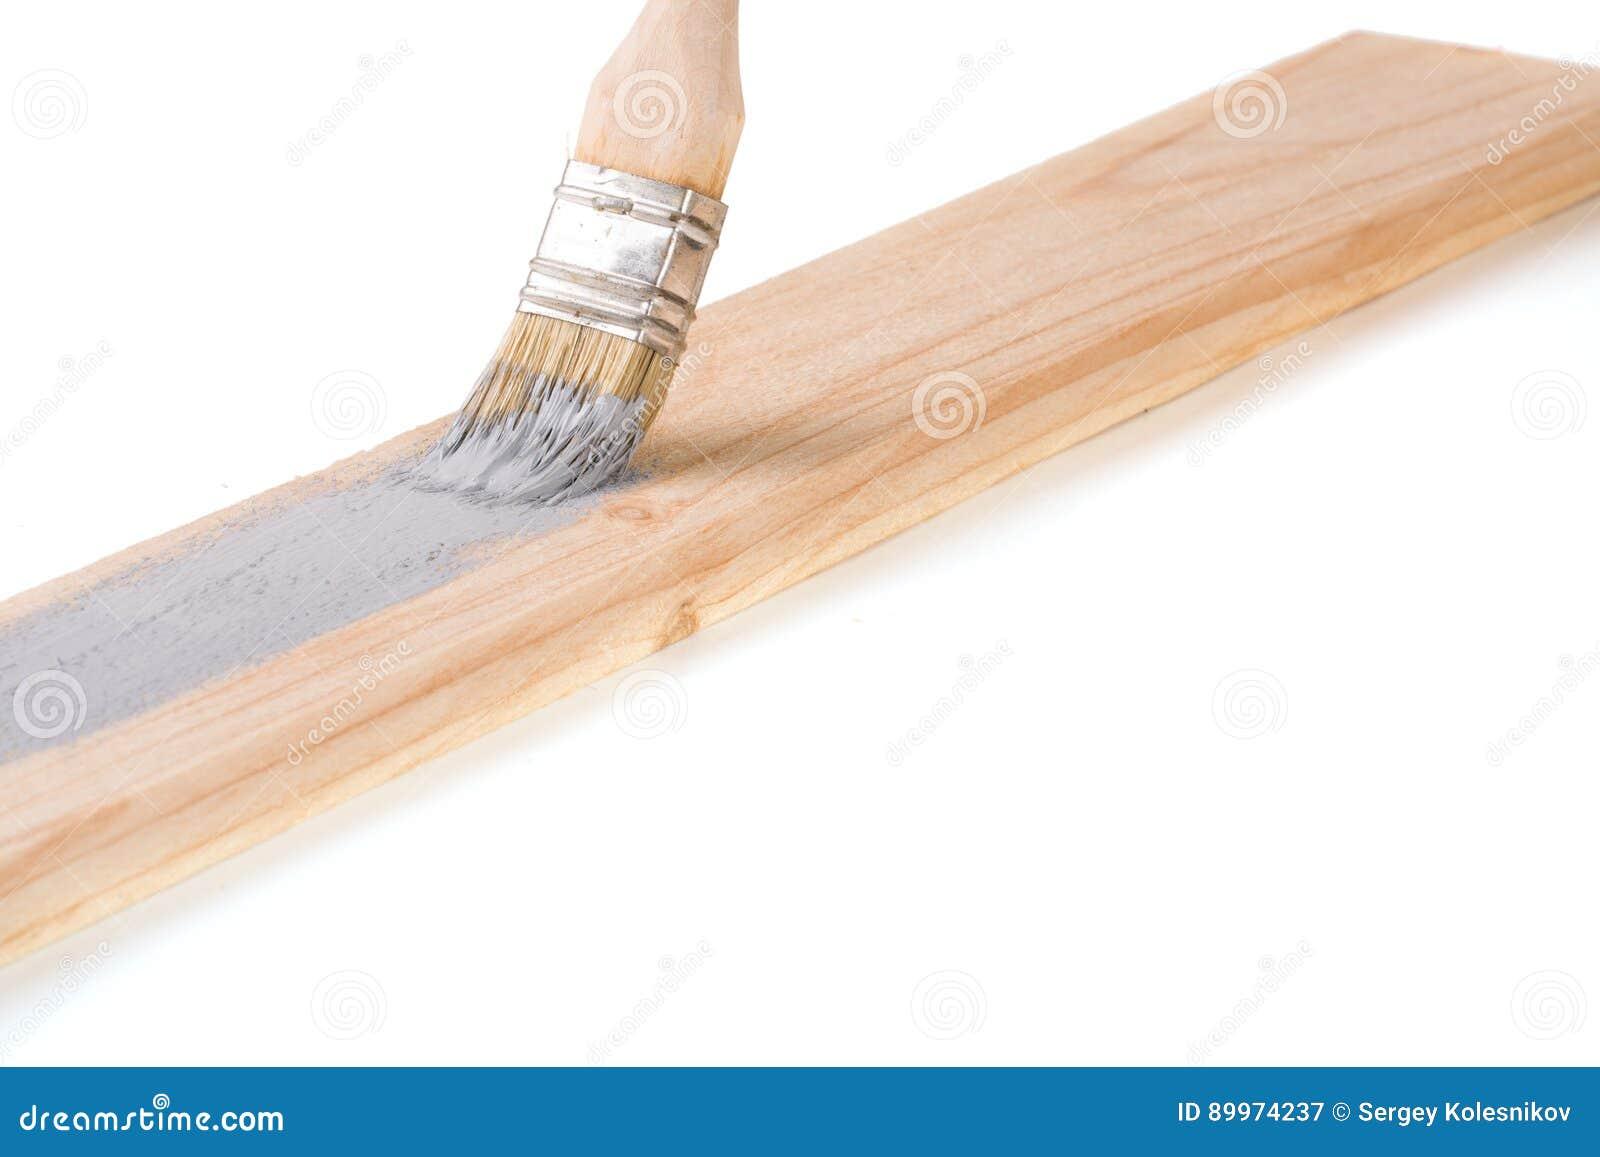 Verniciare legno bianco: verniciare le perline in legno di bianco